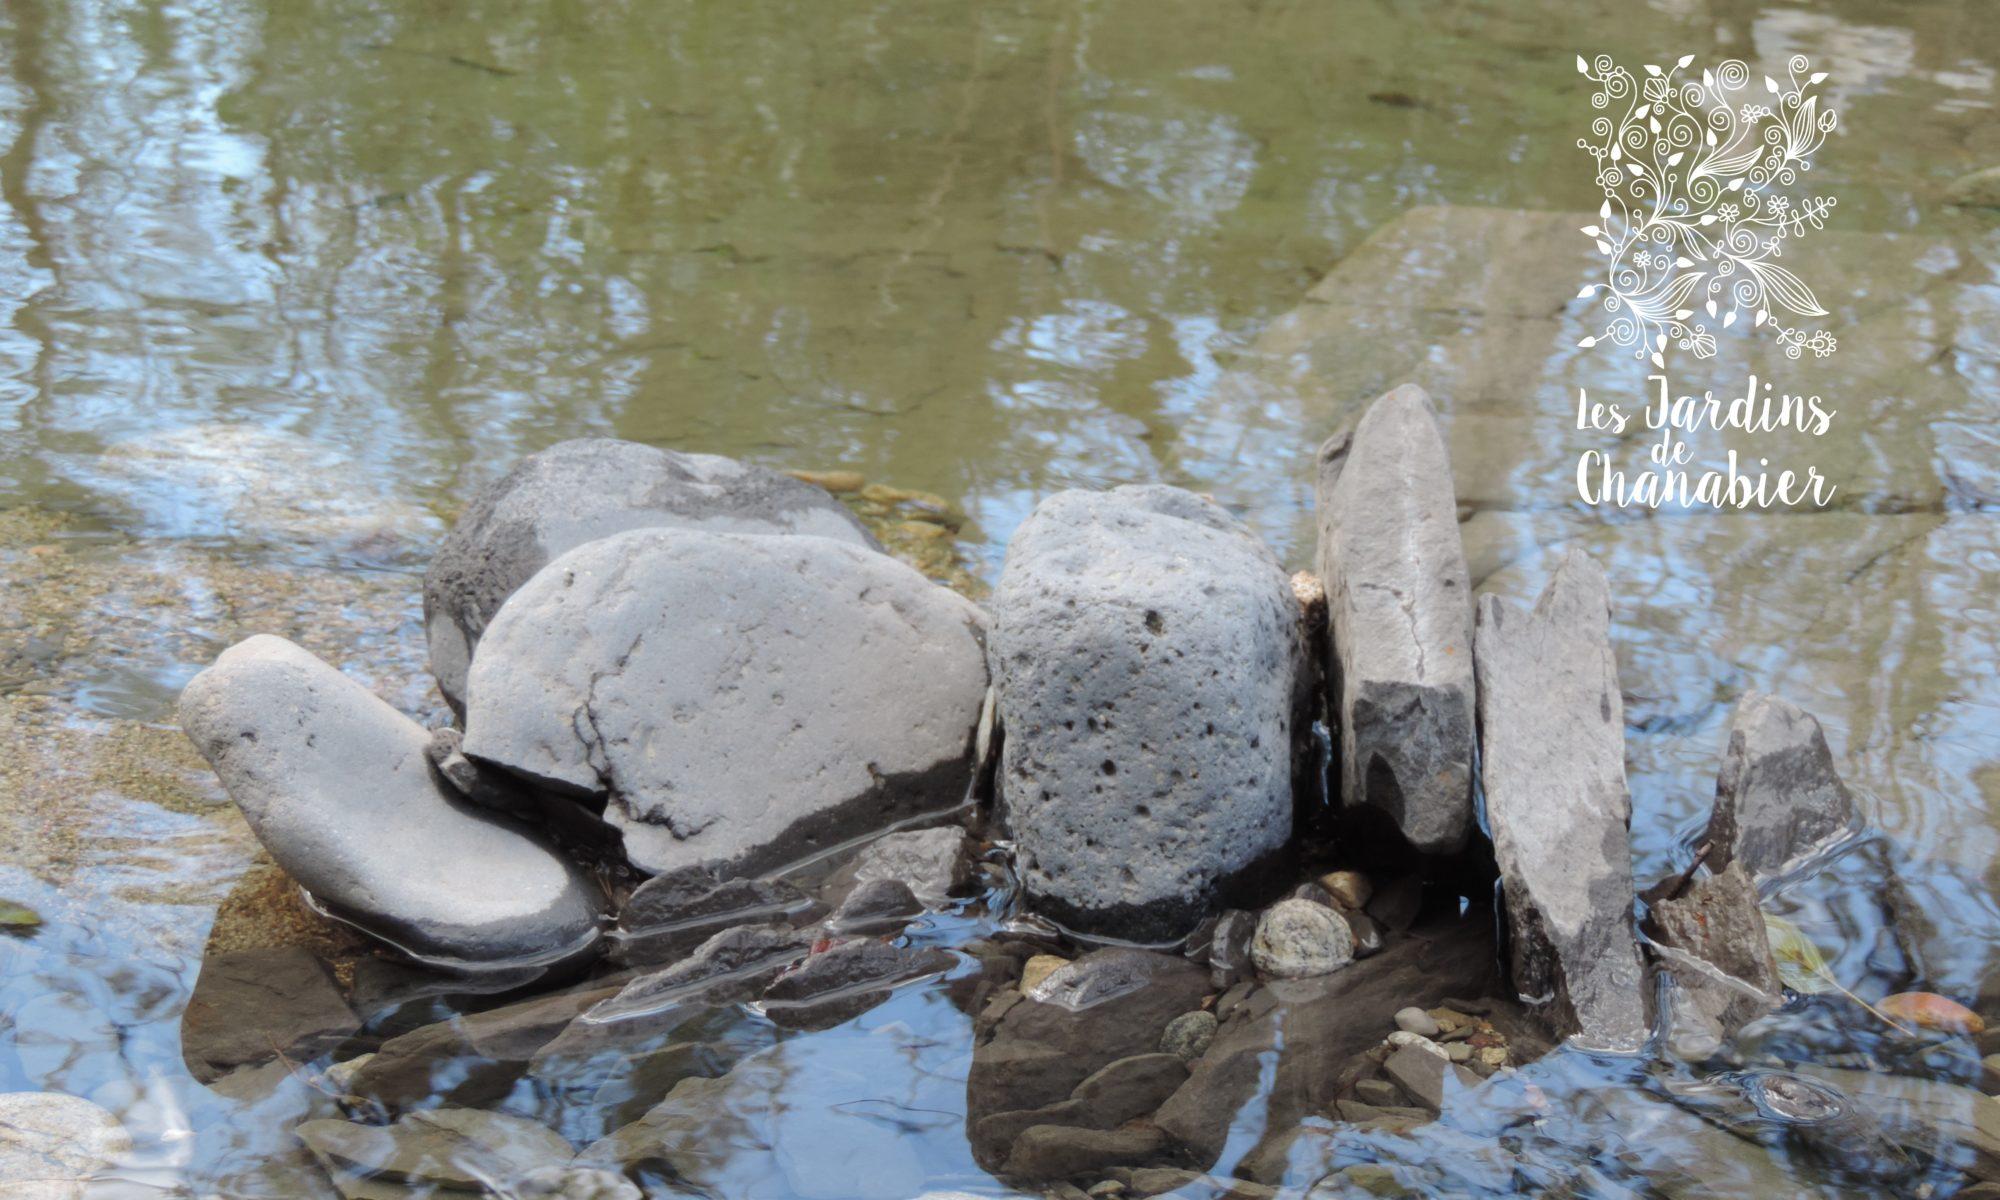 Pierres dans l'eau